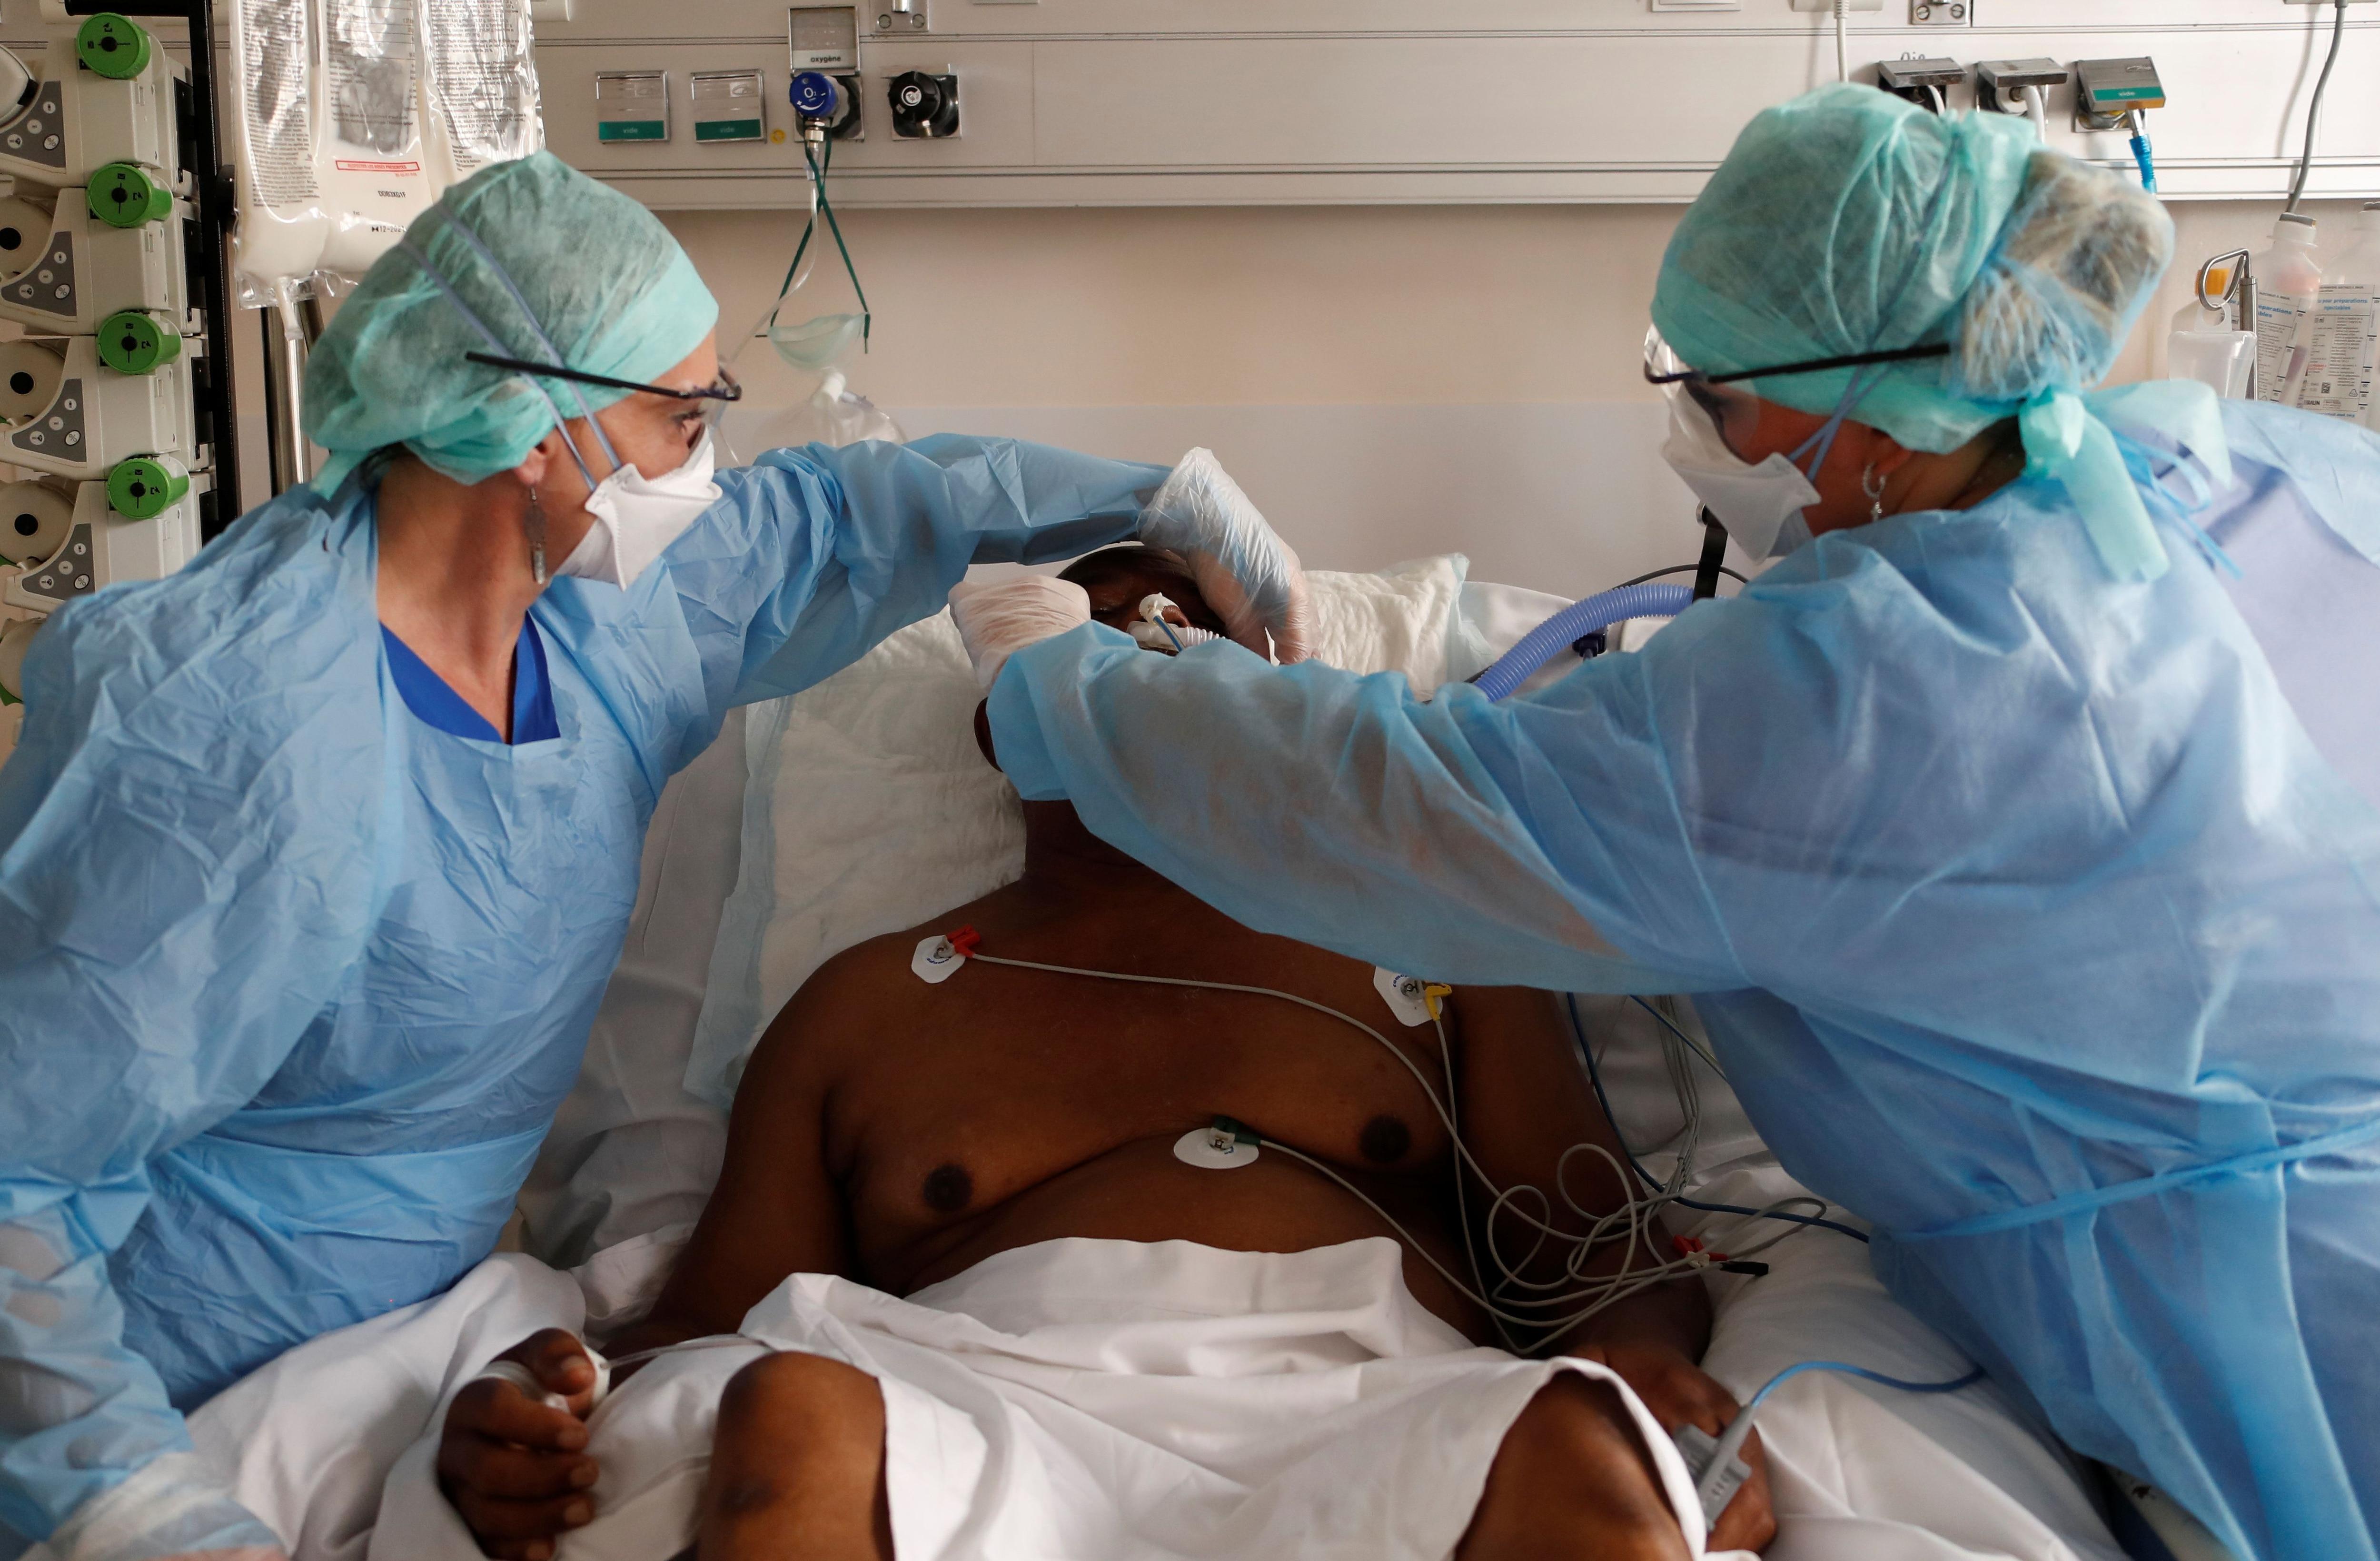 Cuidados intensivos en la pandemia (Reuters)